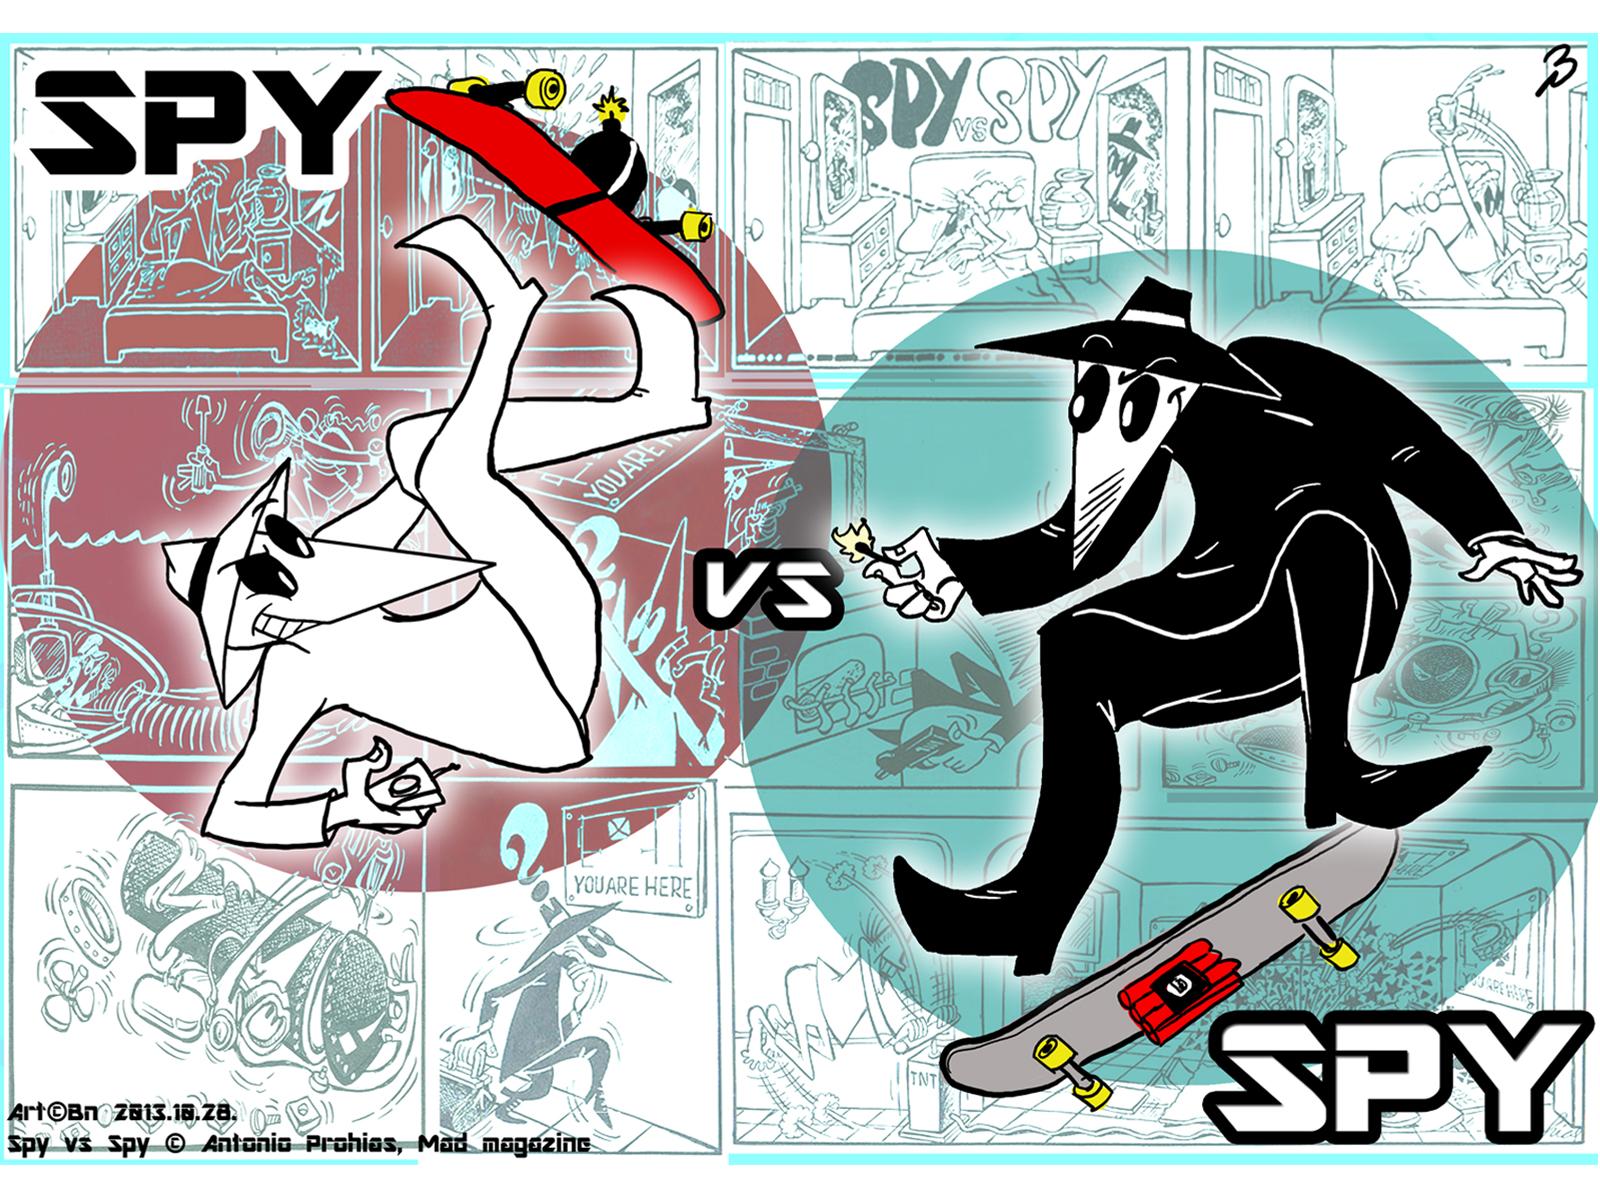 Spy vs Spy   Skateboarding wallpaper by Cluny91 1600x1200